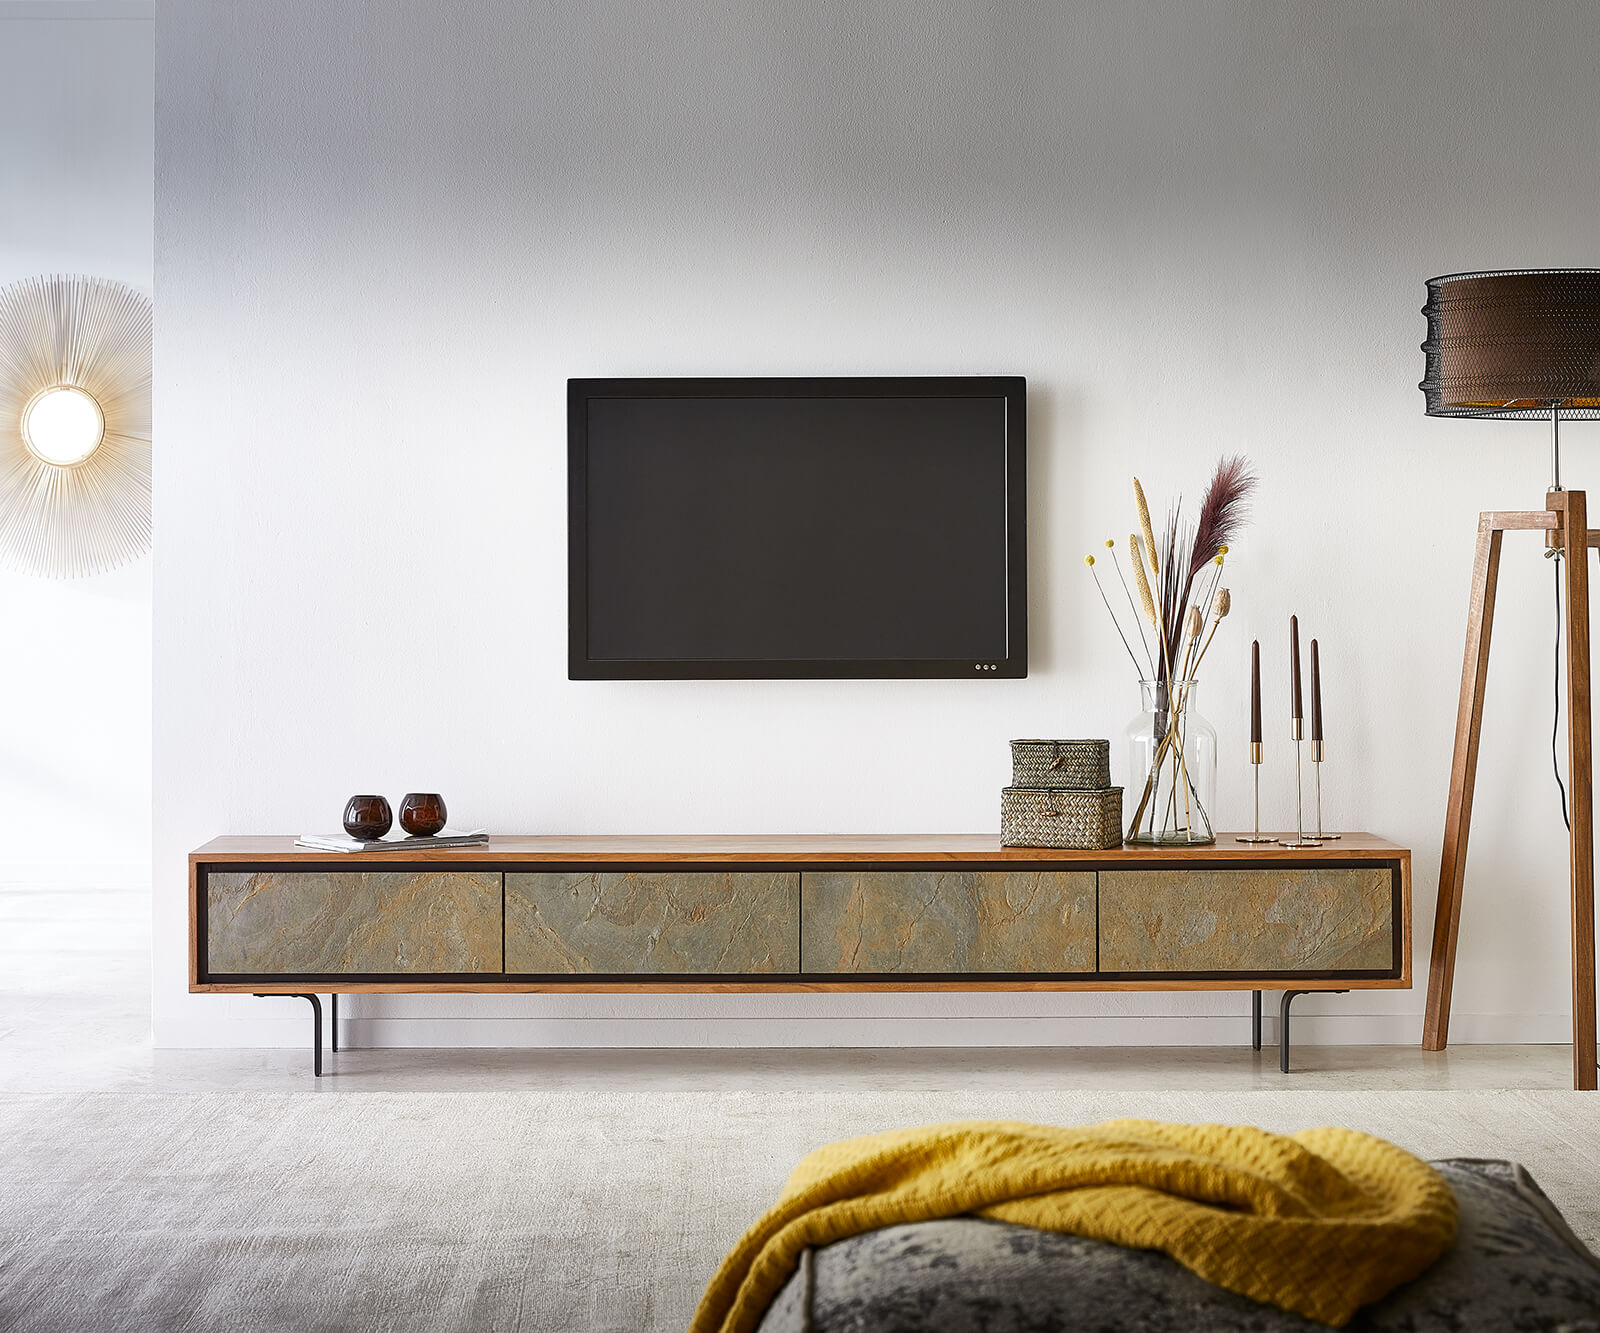 Lowboard Juwelo 220 cm Akazie Natur mit Steinfurnier 4 Türen